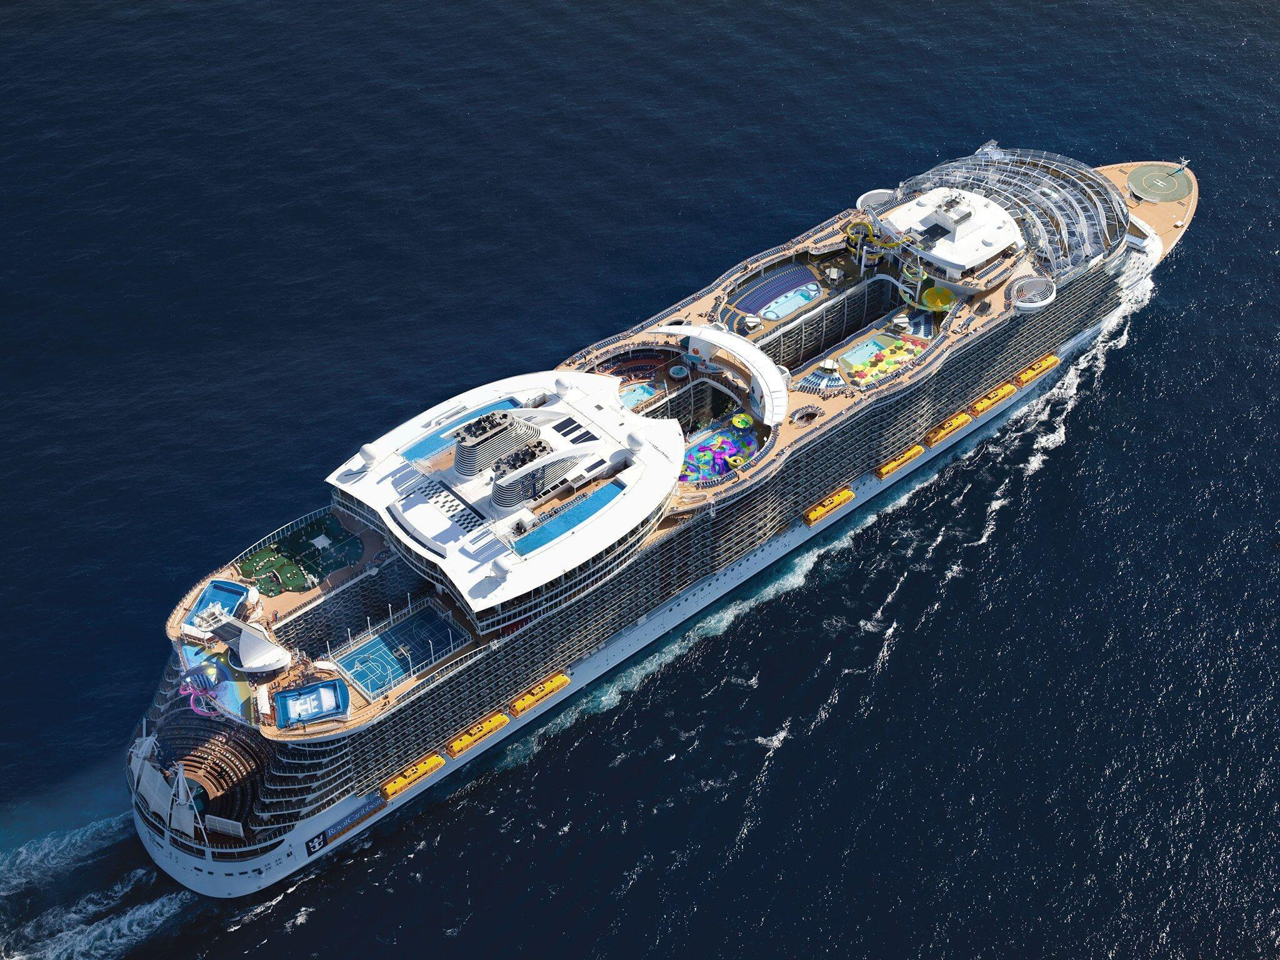 Круизный лайнер Harmony of the Seas - Harmony of the Seas